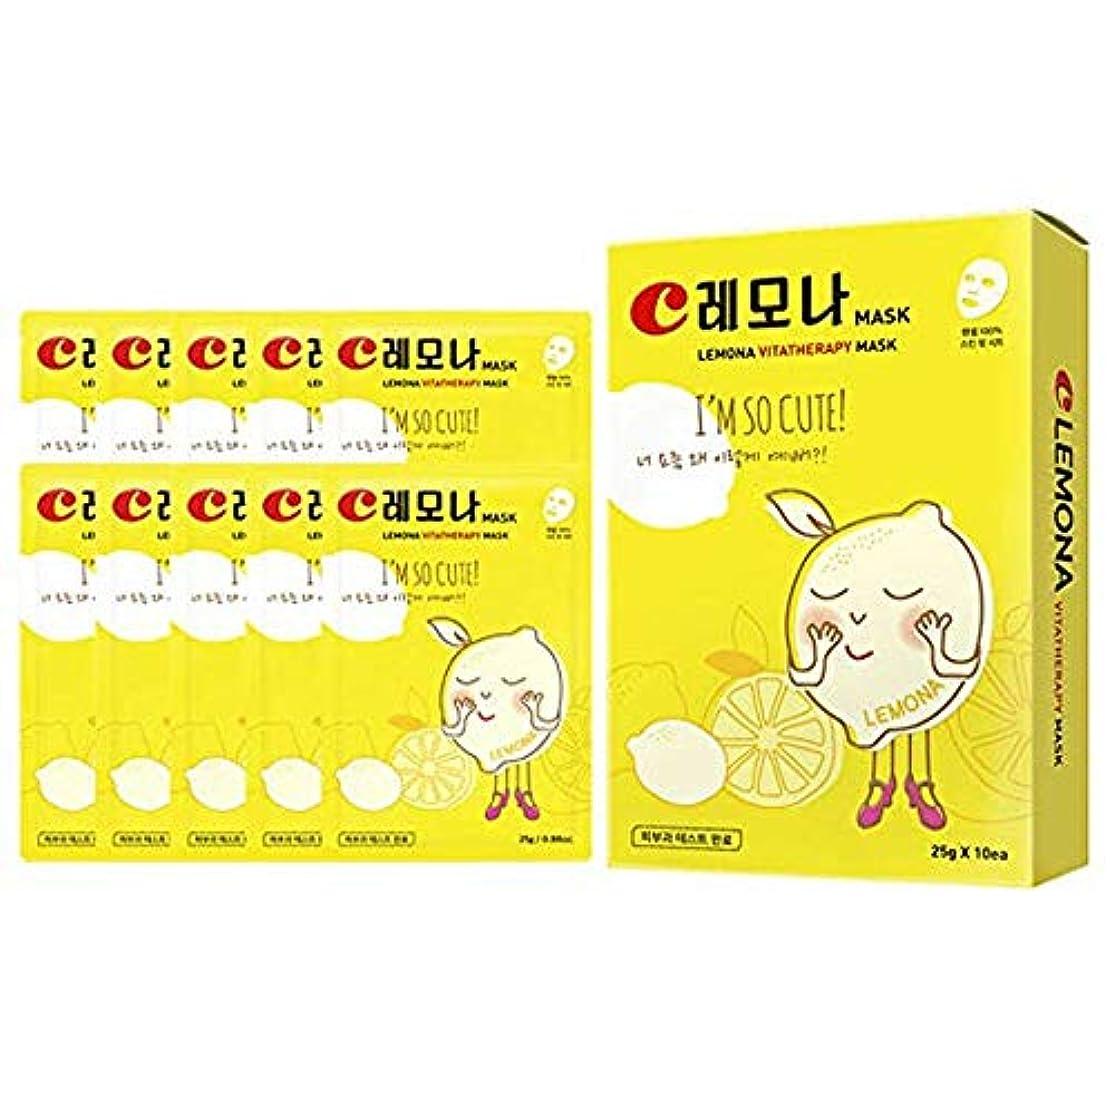 書き込み洗う調整する[MISOWEOL]レモナビタミンマスクパック[並行輸入品](345g) : 10ea/pack [ Lemona Vita Therapy Mask(345g) : 10ea/pack ]